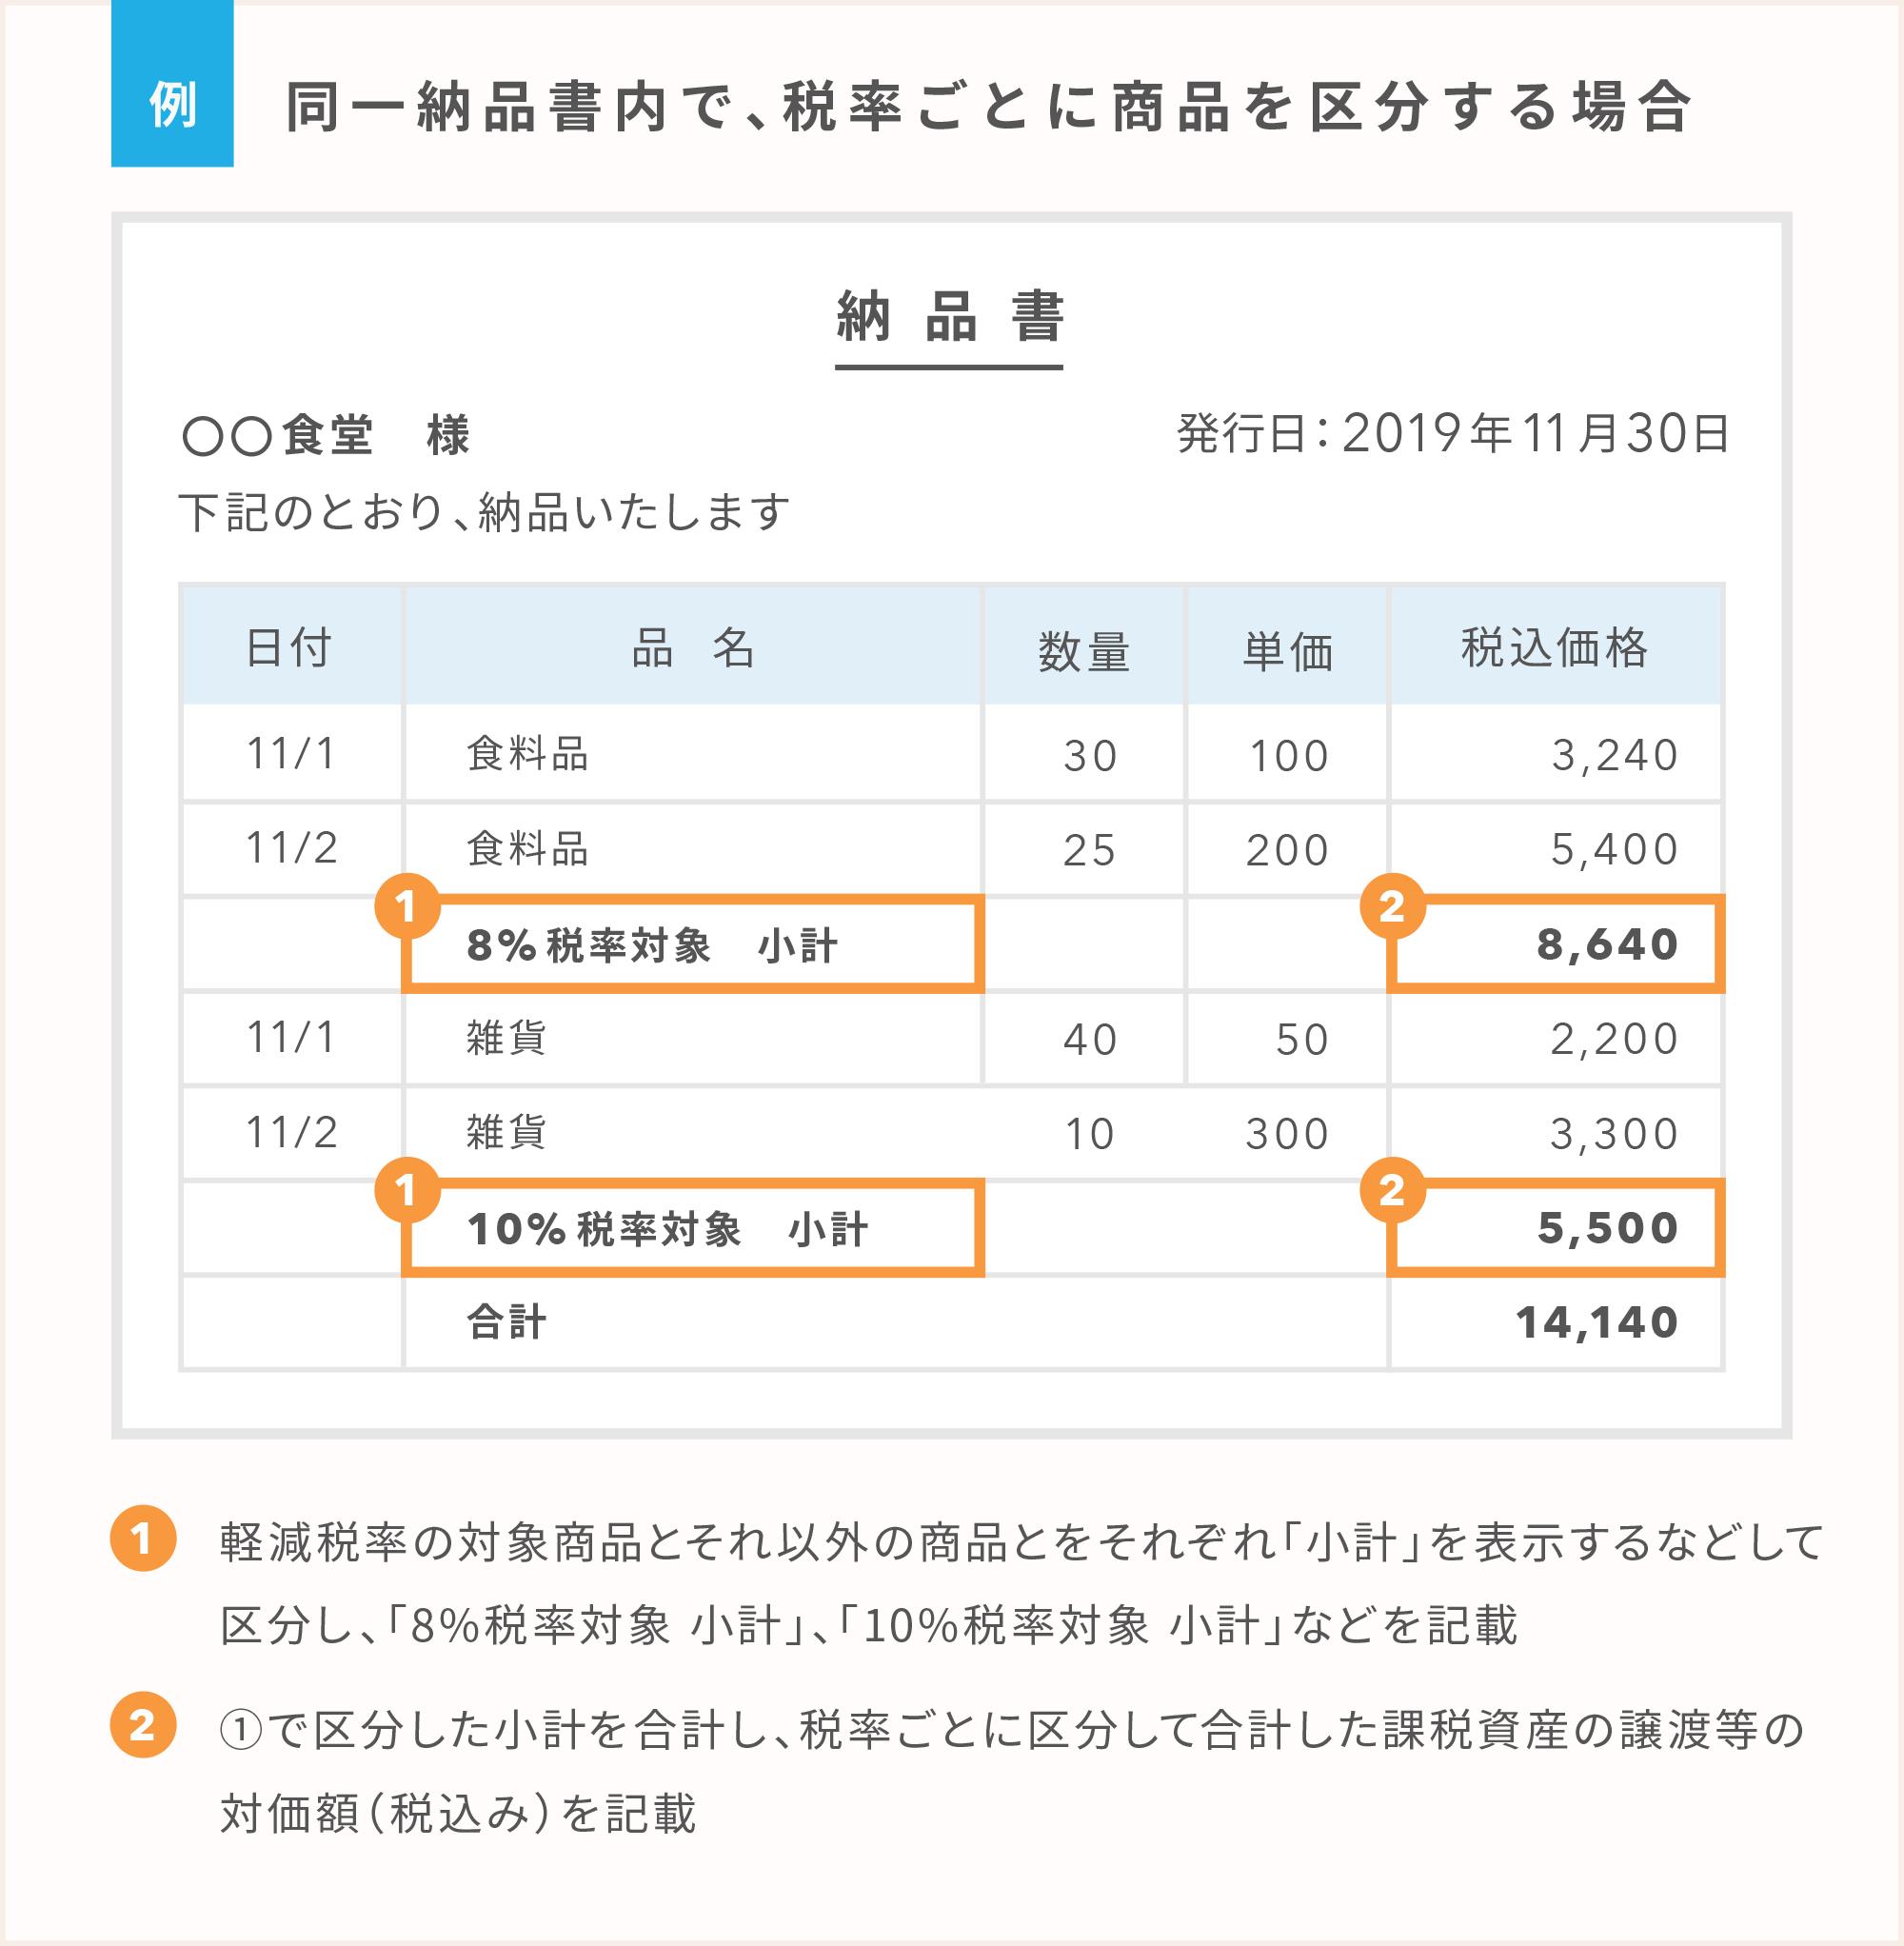 区分記載納品書の例a-2